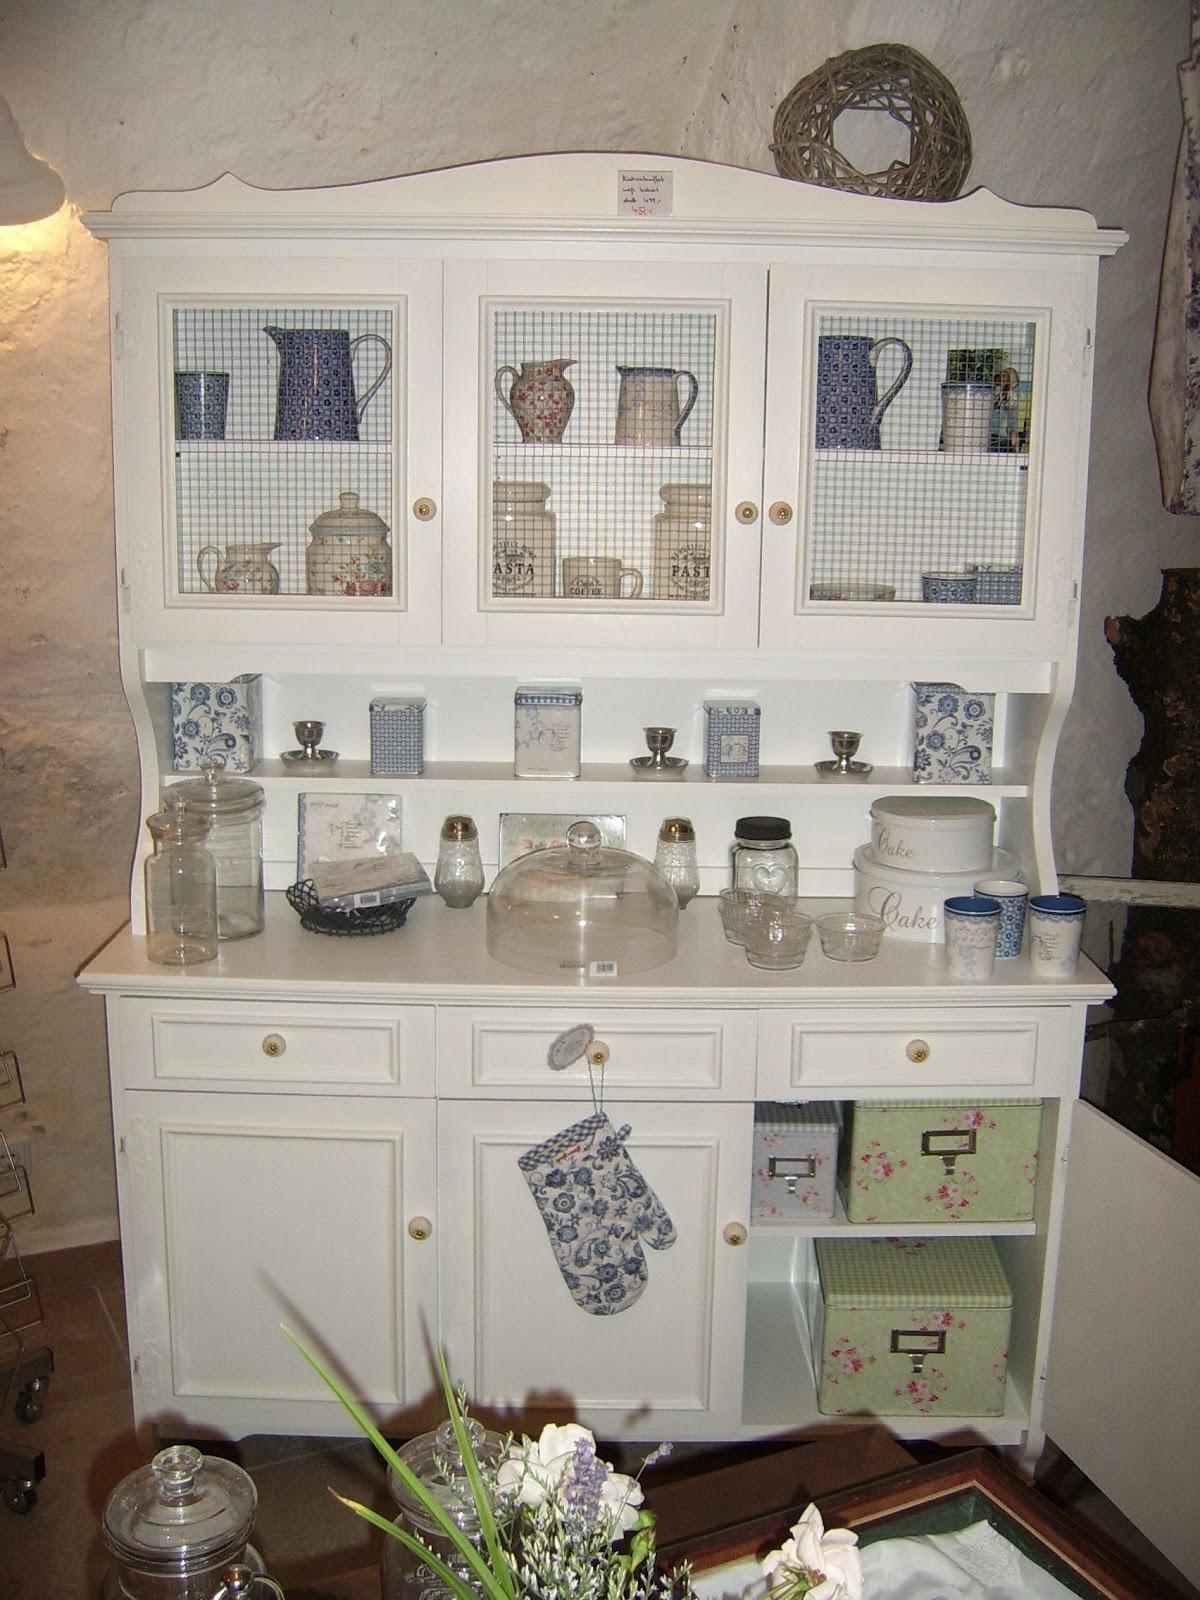 maison blavand ladenimpressionen. Black Bedroom Furniture Sets. Home Design Ideas